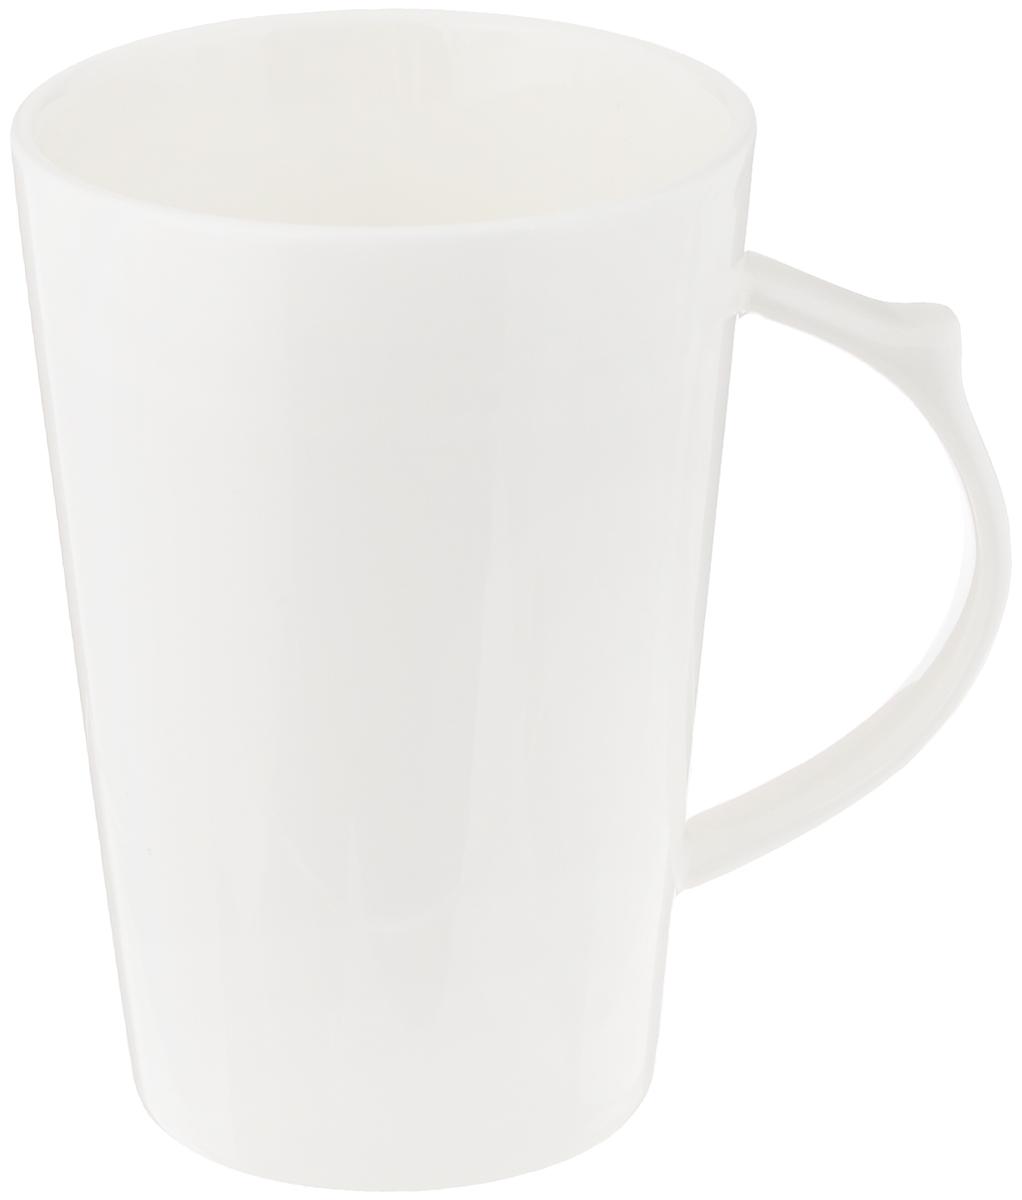 """Изящная кружка """"Wilmax"""" выполнена из высококачественного фарфора. Изделие впишется в любой интерьер современной кухни, а также станет отличным дополнением к сервировке праздничного или обеденного стола. Диаметр кружки (по верхнему краю): 8 см."""